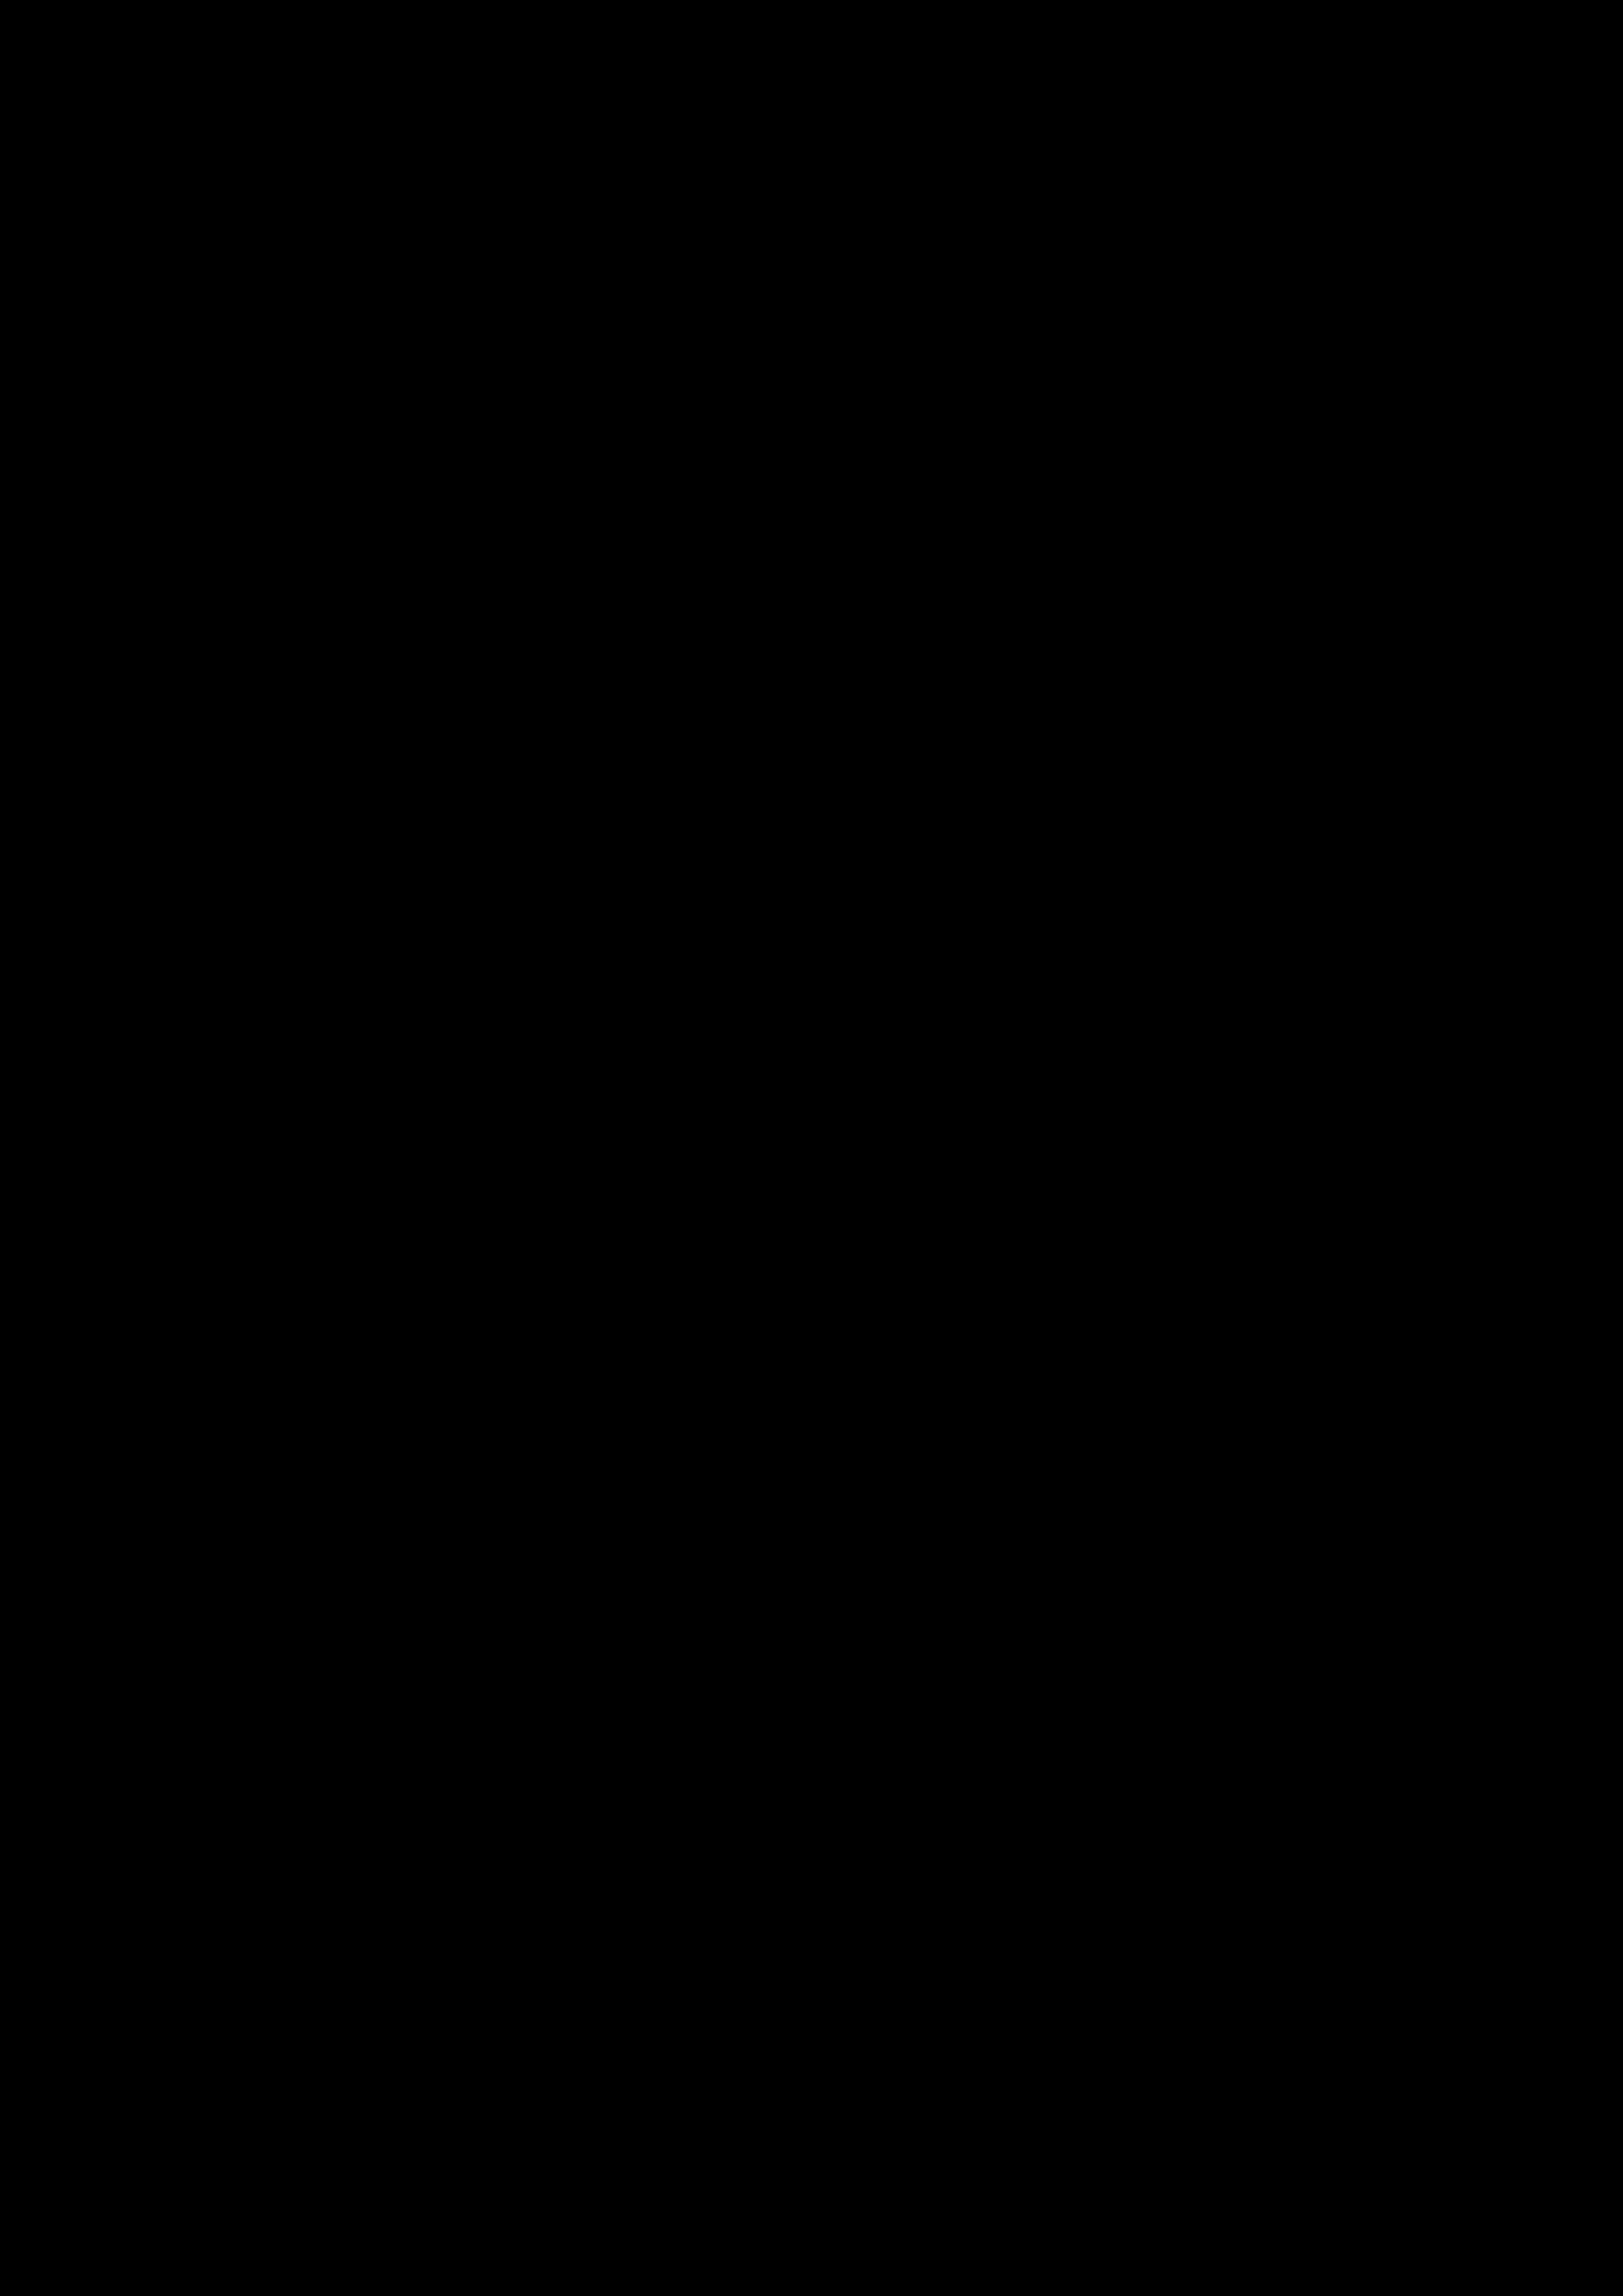 Carnage Visors poster